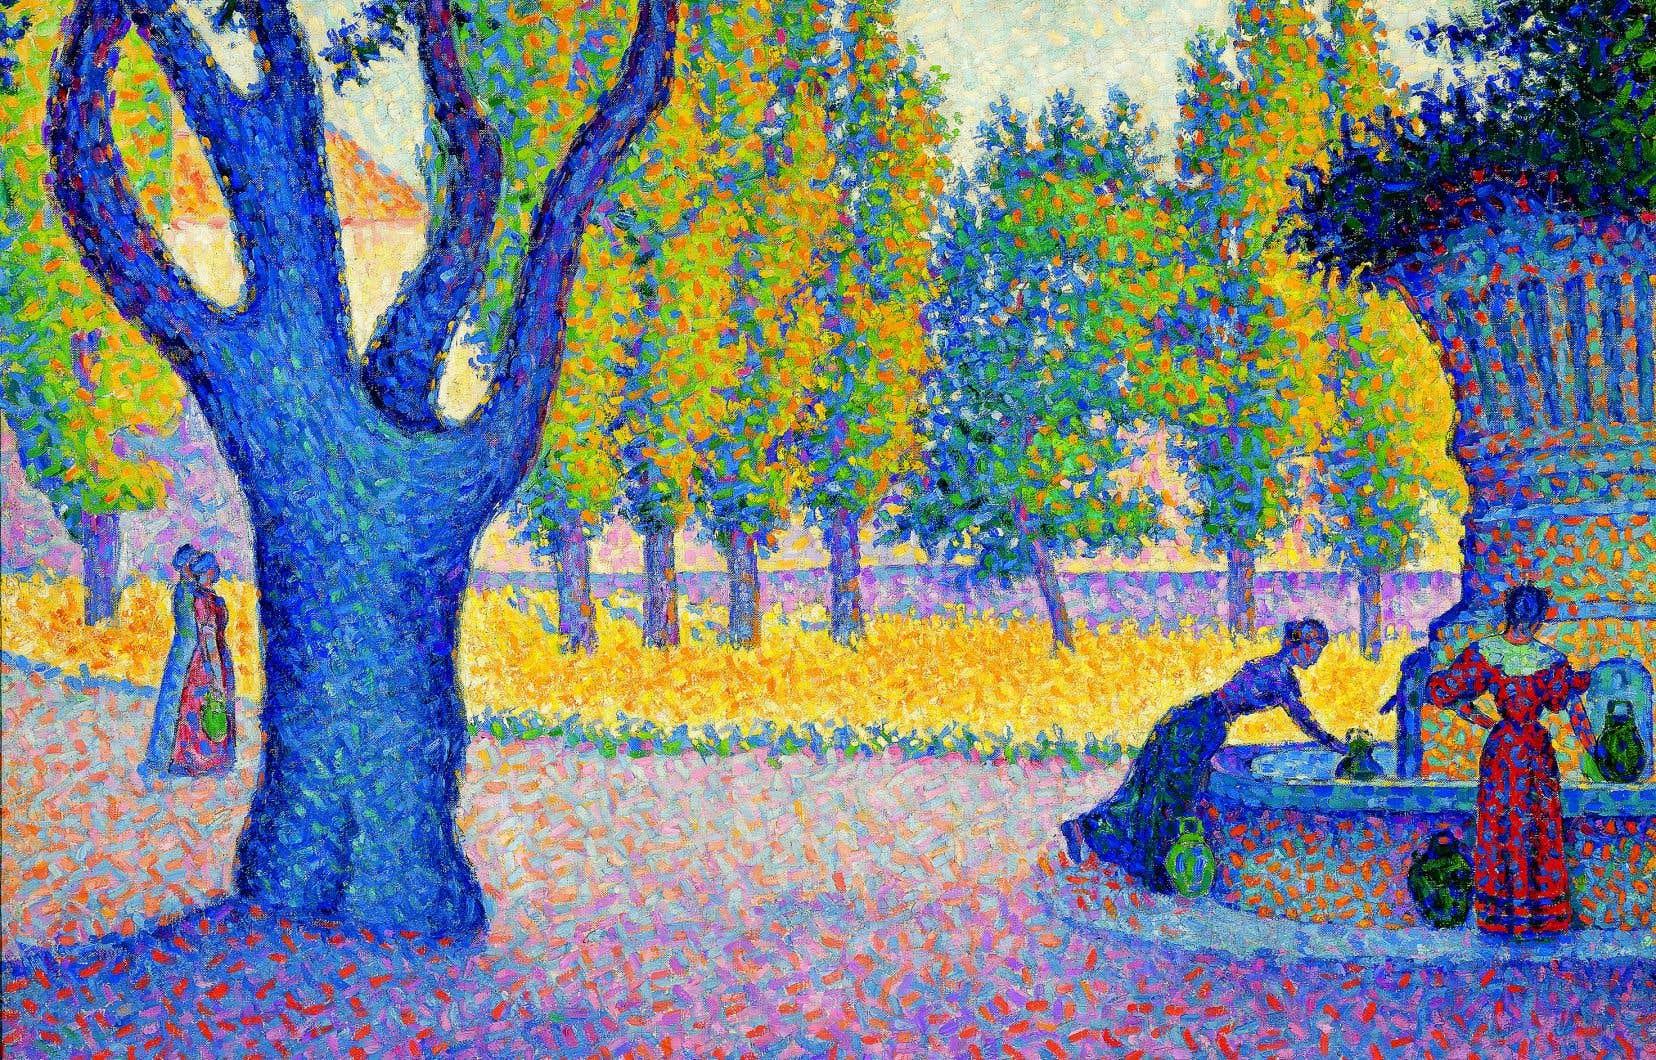 La toile de Paul Signac «Saint-Tropez. Fontaine des Lices» (1895, huile sur toile, collection particulière) fera partie de l'exposition «Paris au temps du postimpressionnisme».